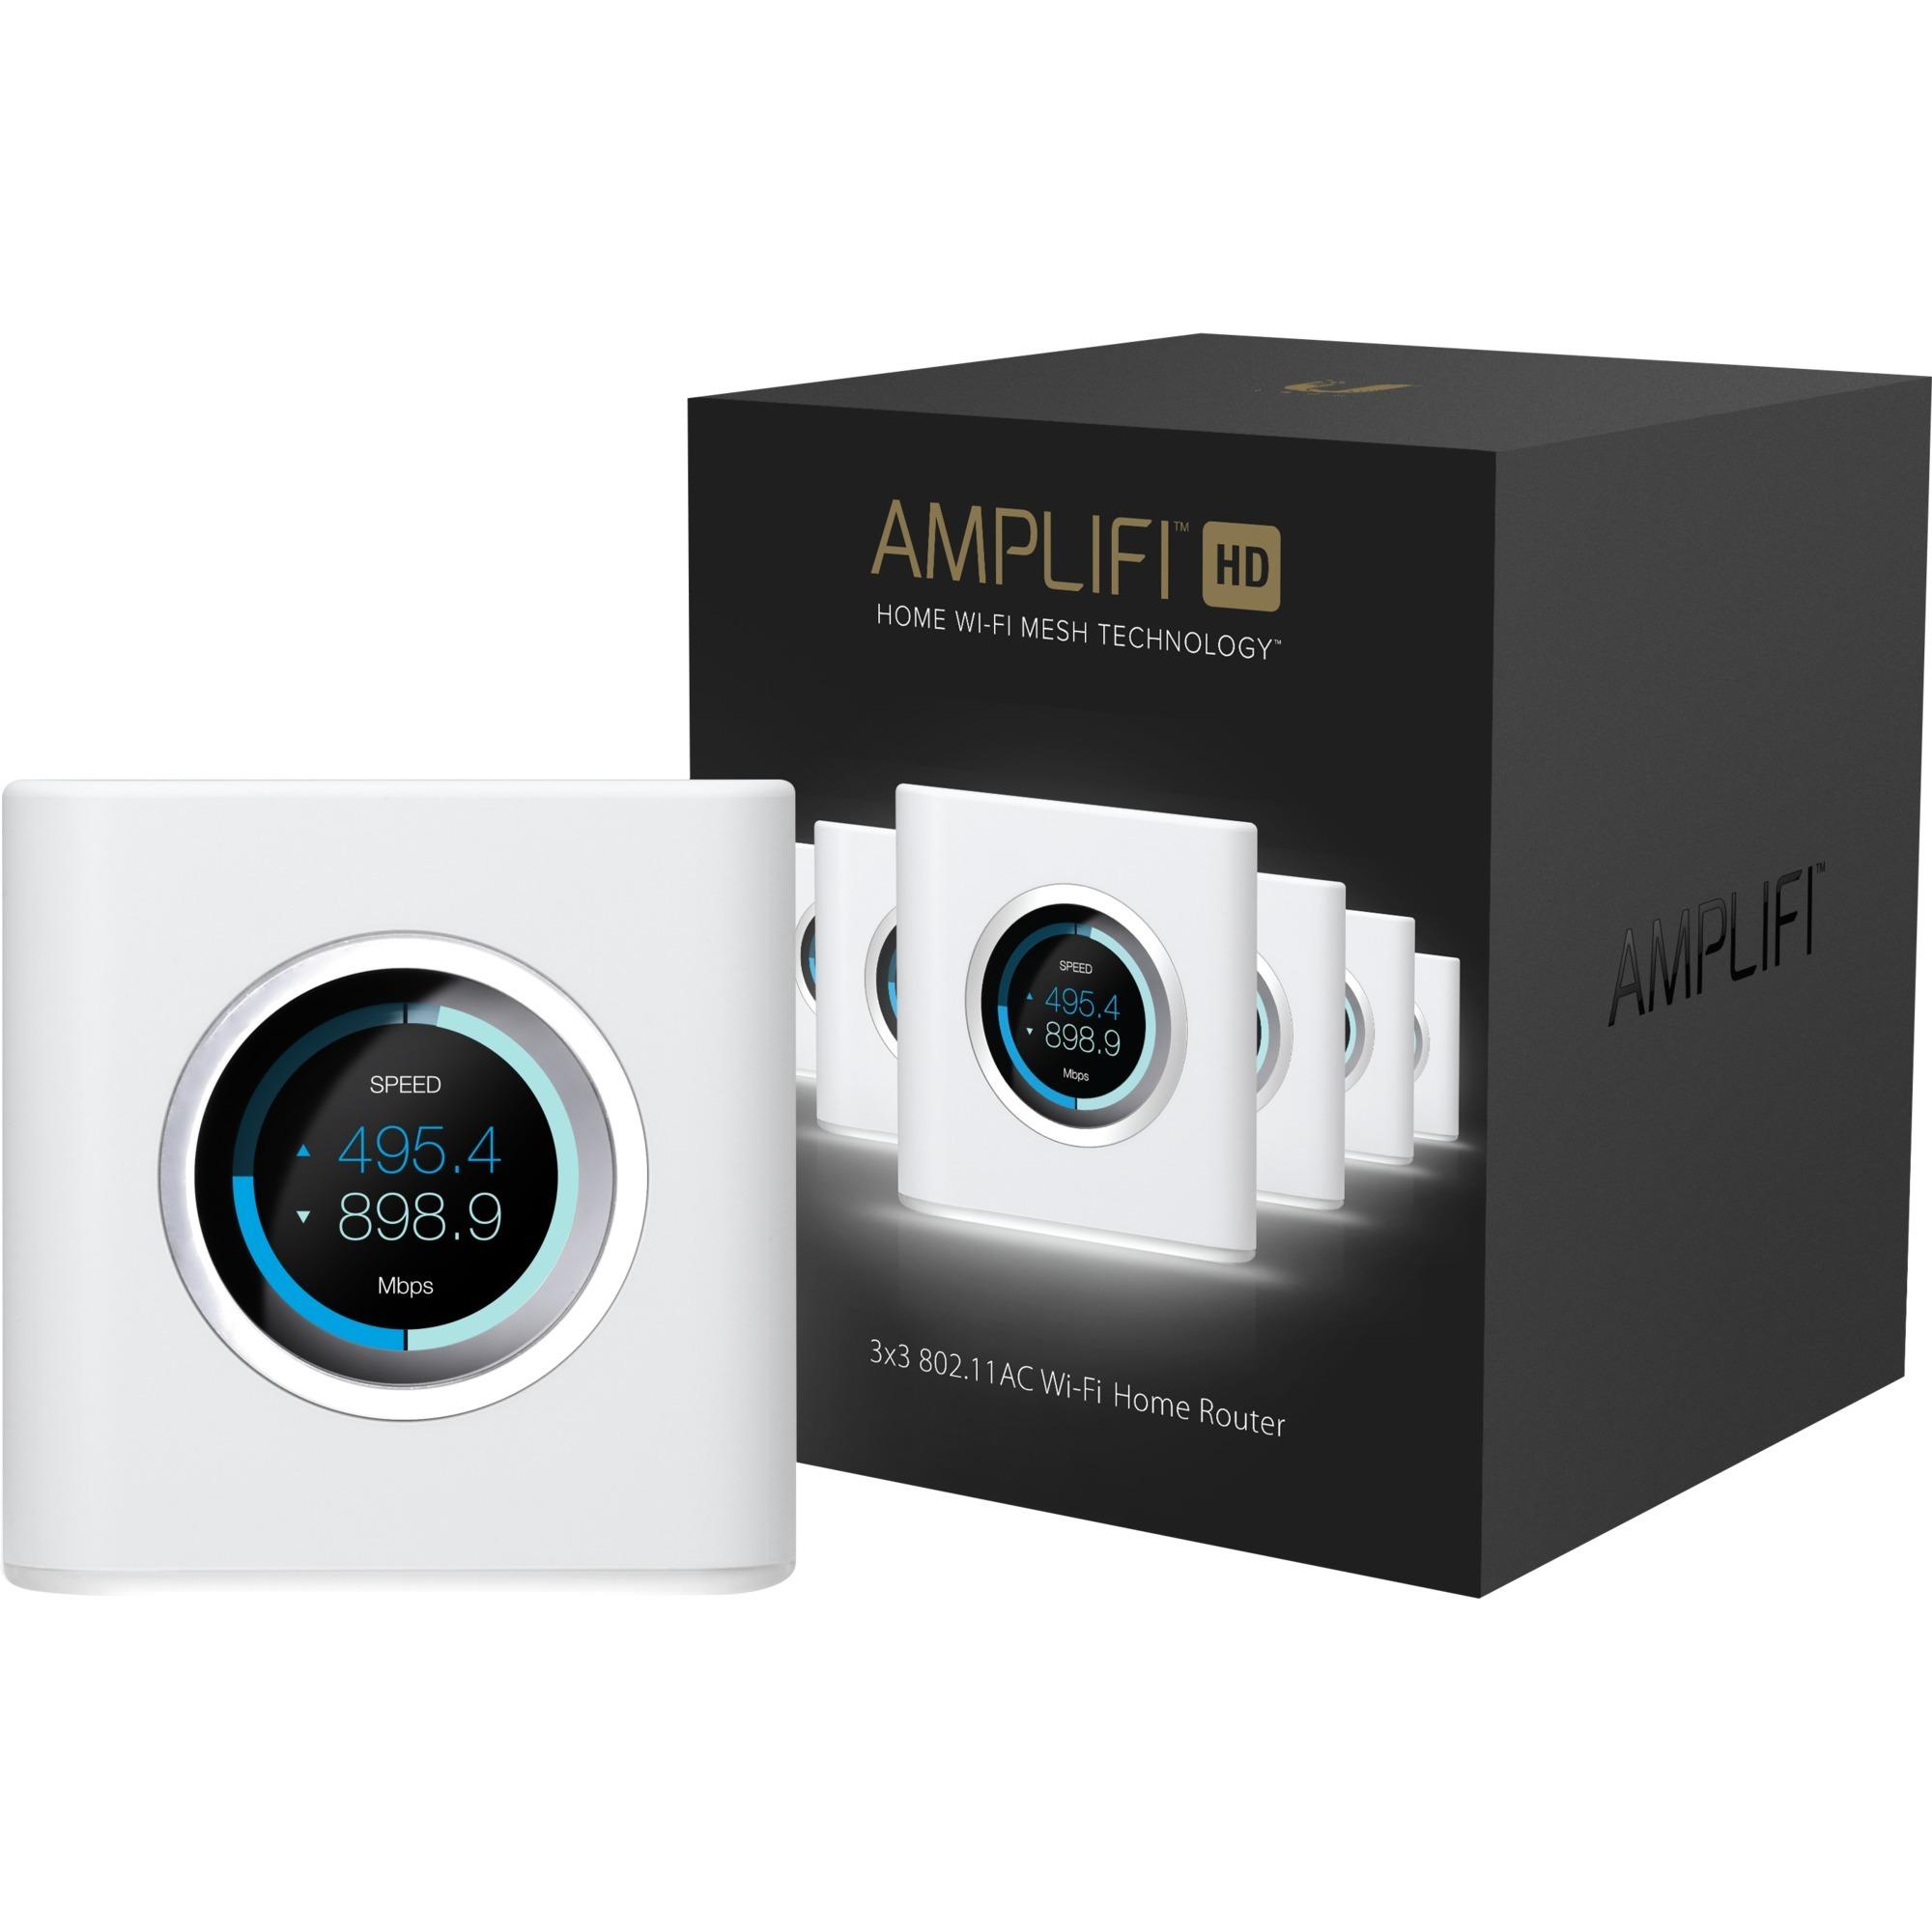 AmpliFI HD Mesh Router Doble banda (2,4 GHz / 5 GHz) Gigabit Ethernet Blanco router inalámbrico, Enrutador de malla